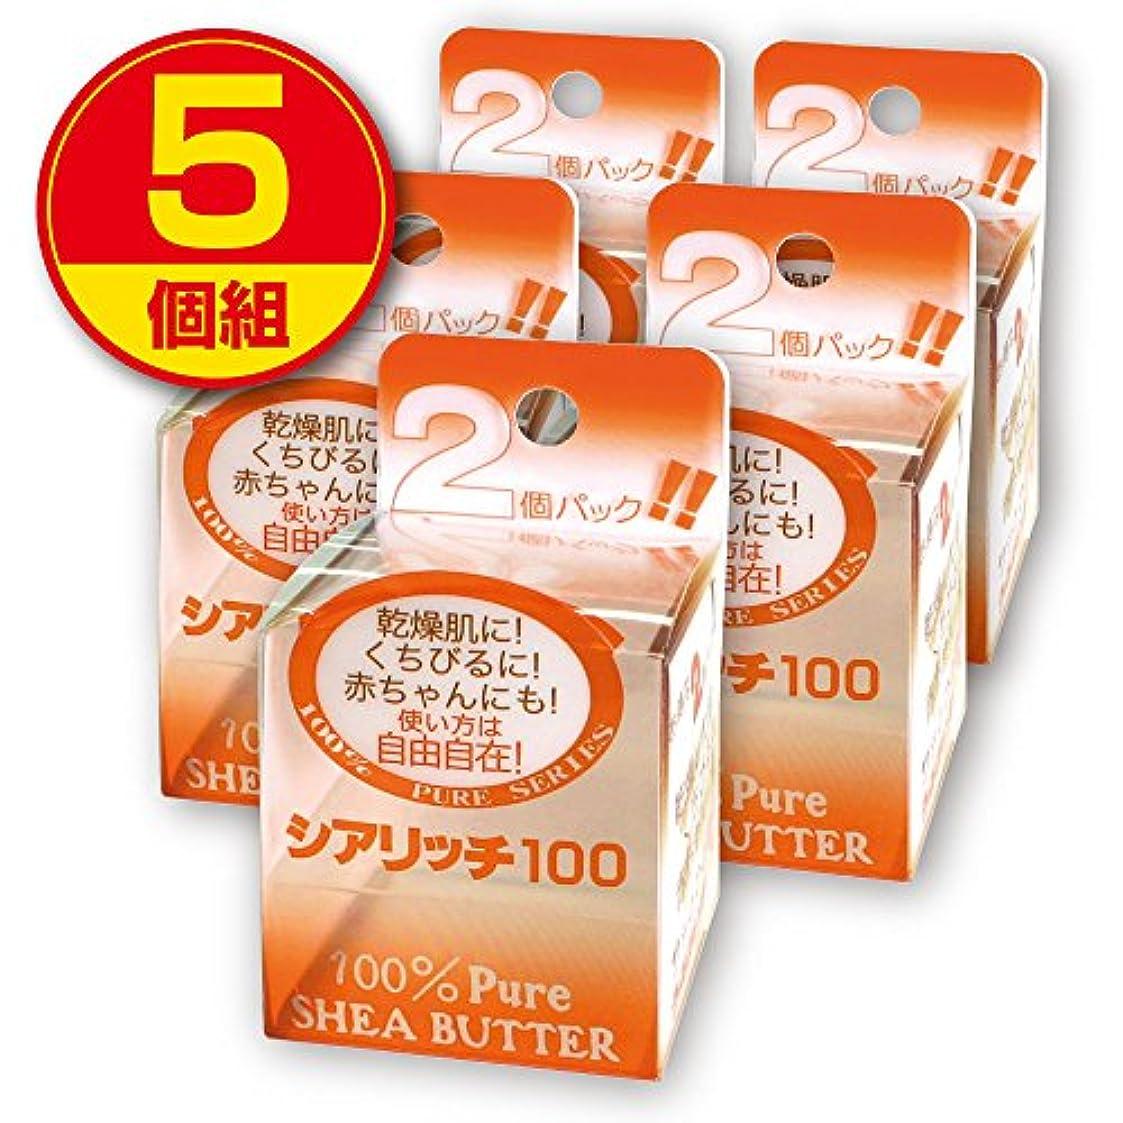 セーブ頬枢機卿日本天然物研究所 シアリッチ100 (8g×2個入り)【5個組】(無添加100%シアバター)無香料